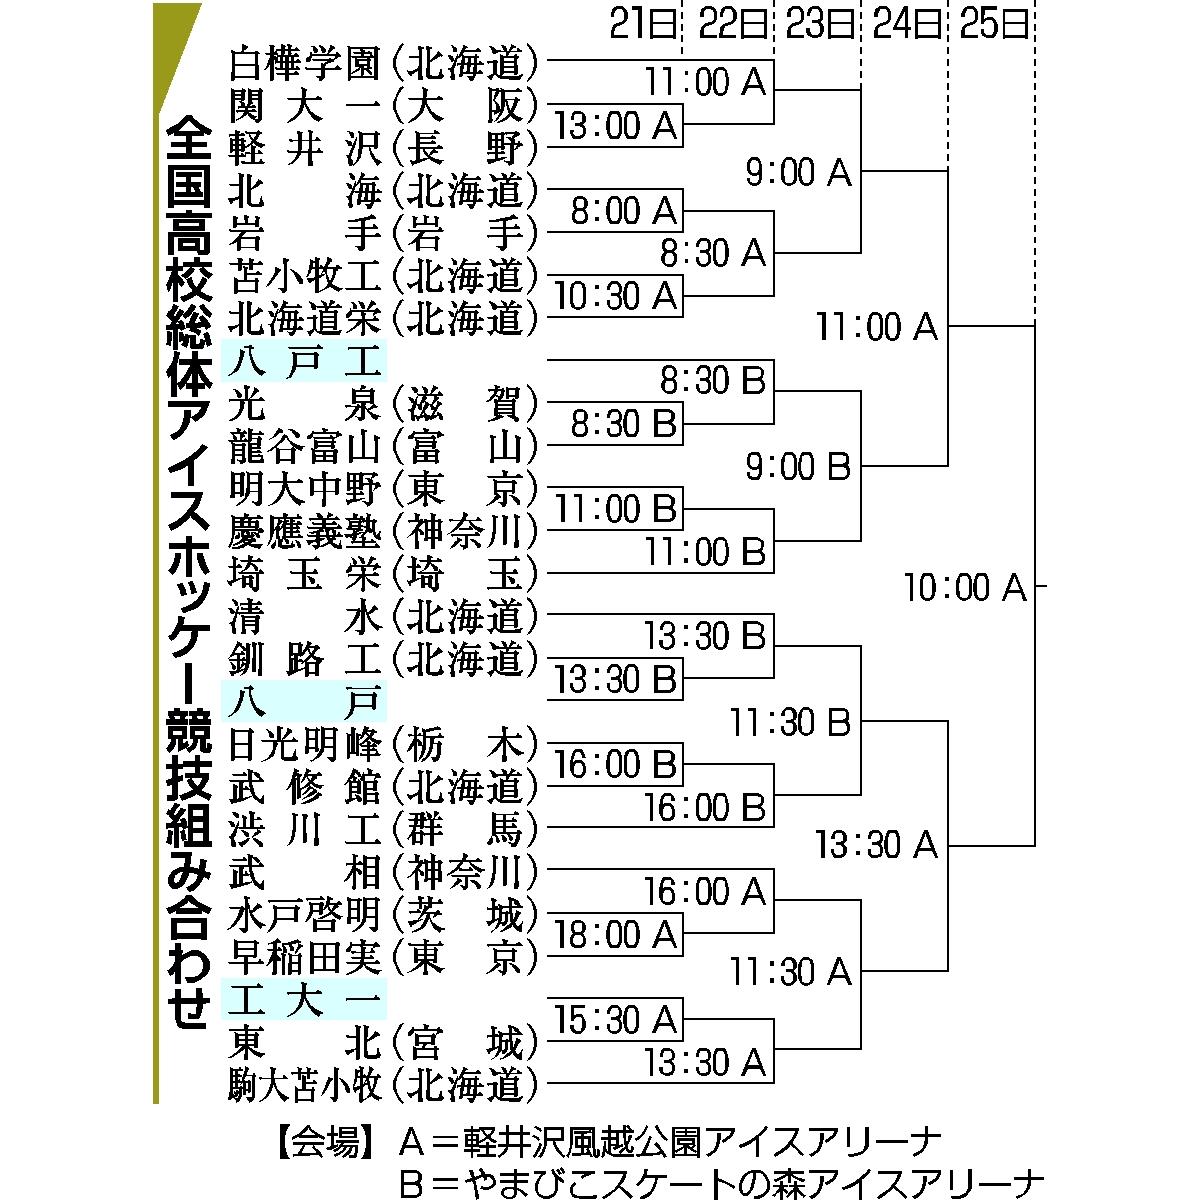 県 コロナ 今日 長野 速報